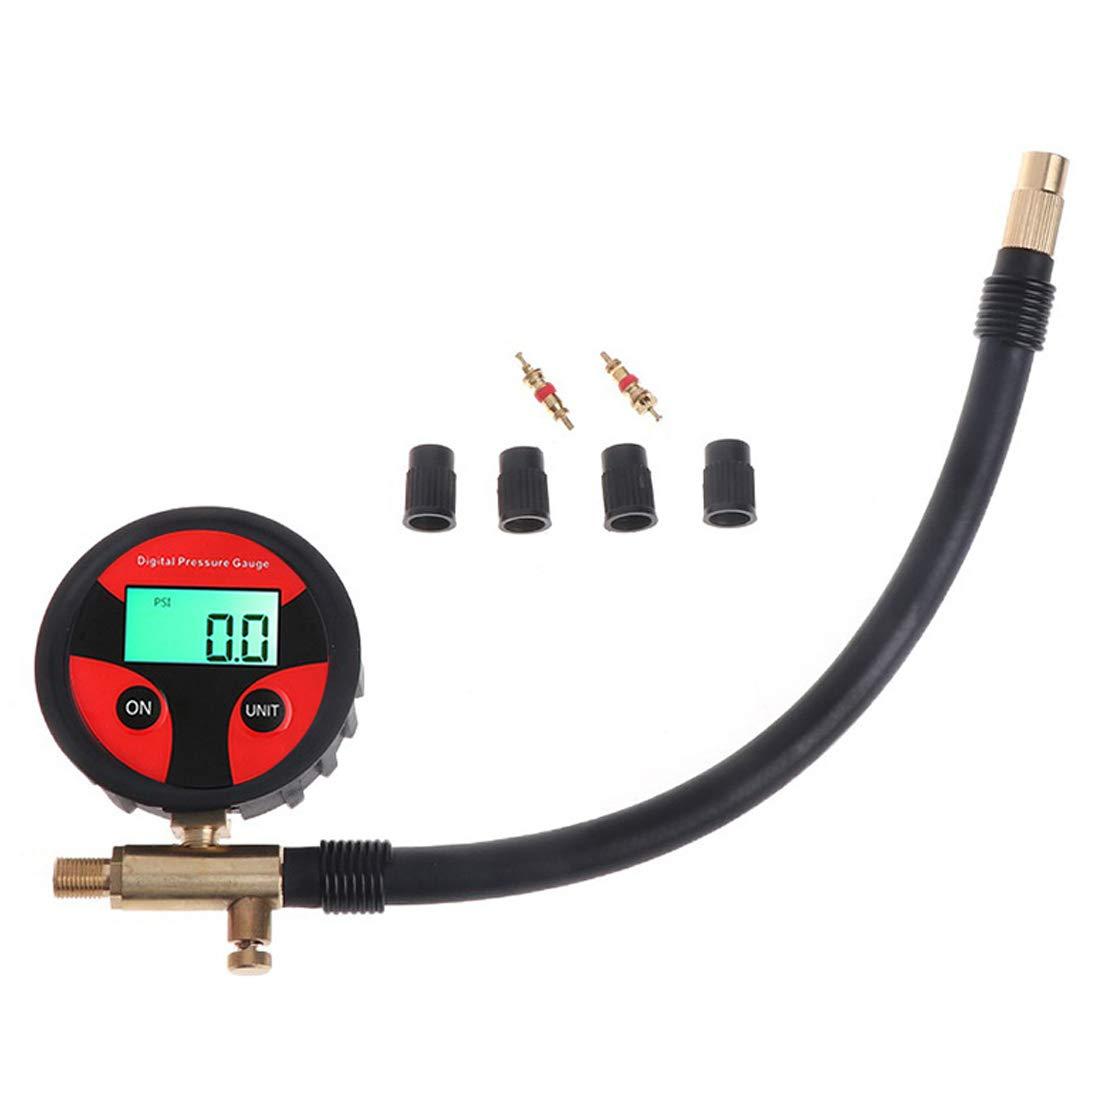 SODIAL Digital Manometro della Pressione dei Pneumatici 200Psi LCD Manometro del Camion dei Pneumatici per Auto 4 unità Disponibili (30Cm)